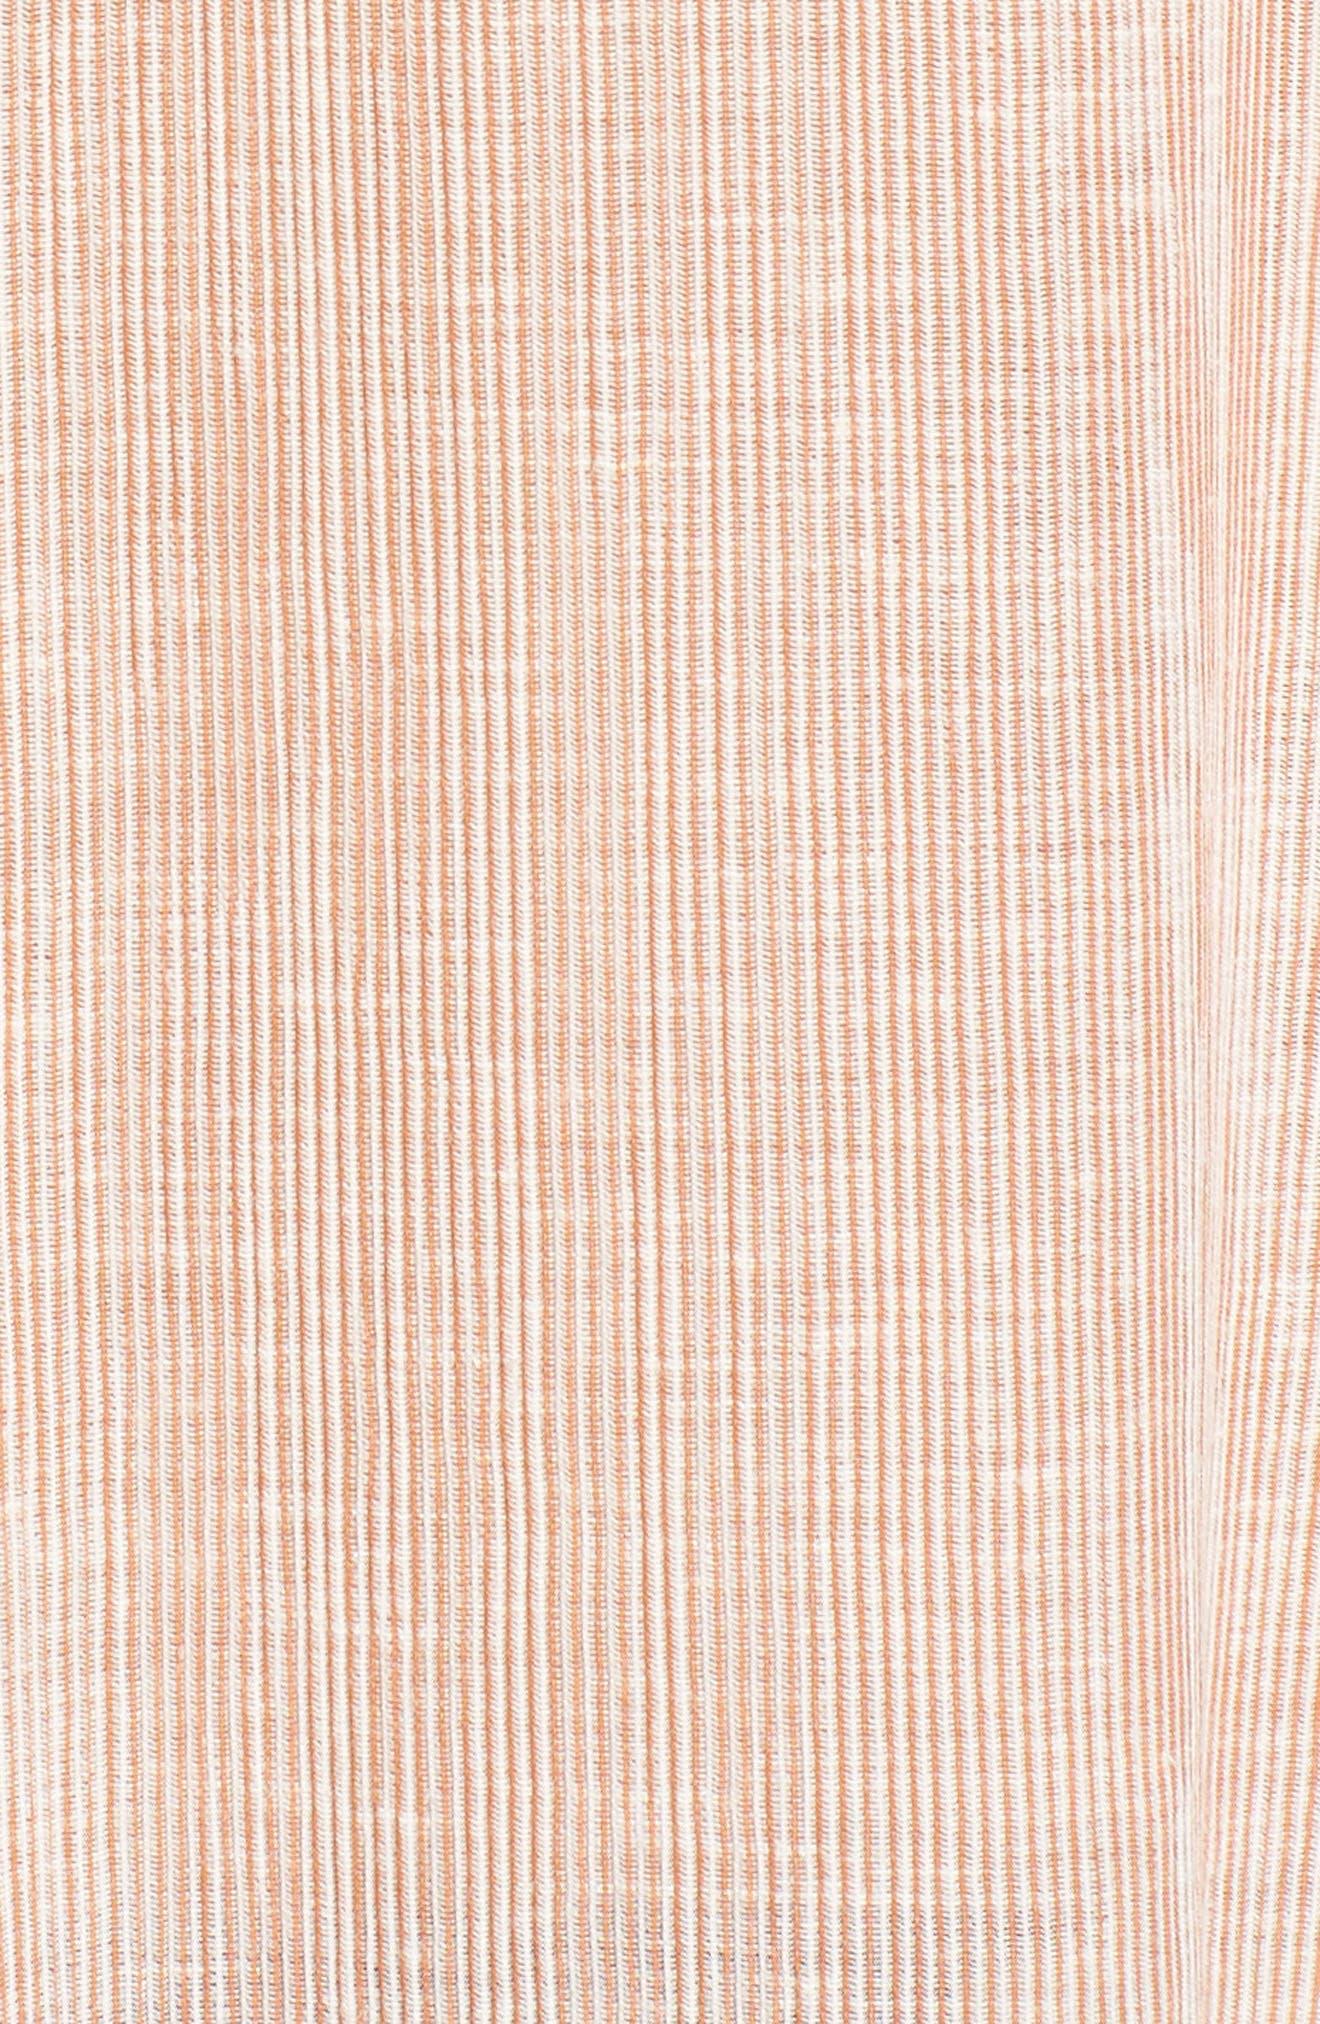 Audryn Crinkle Top,                             Alternate thumbnail 5, color,                             Burnt Umber/ White